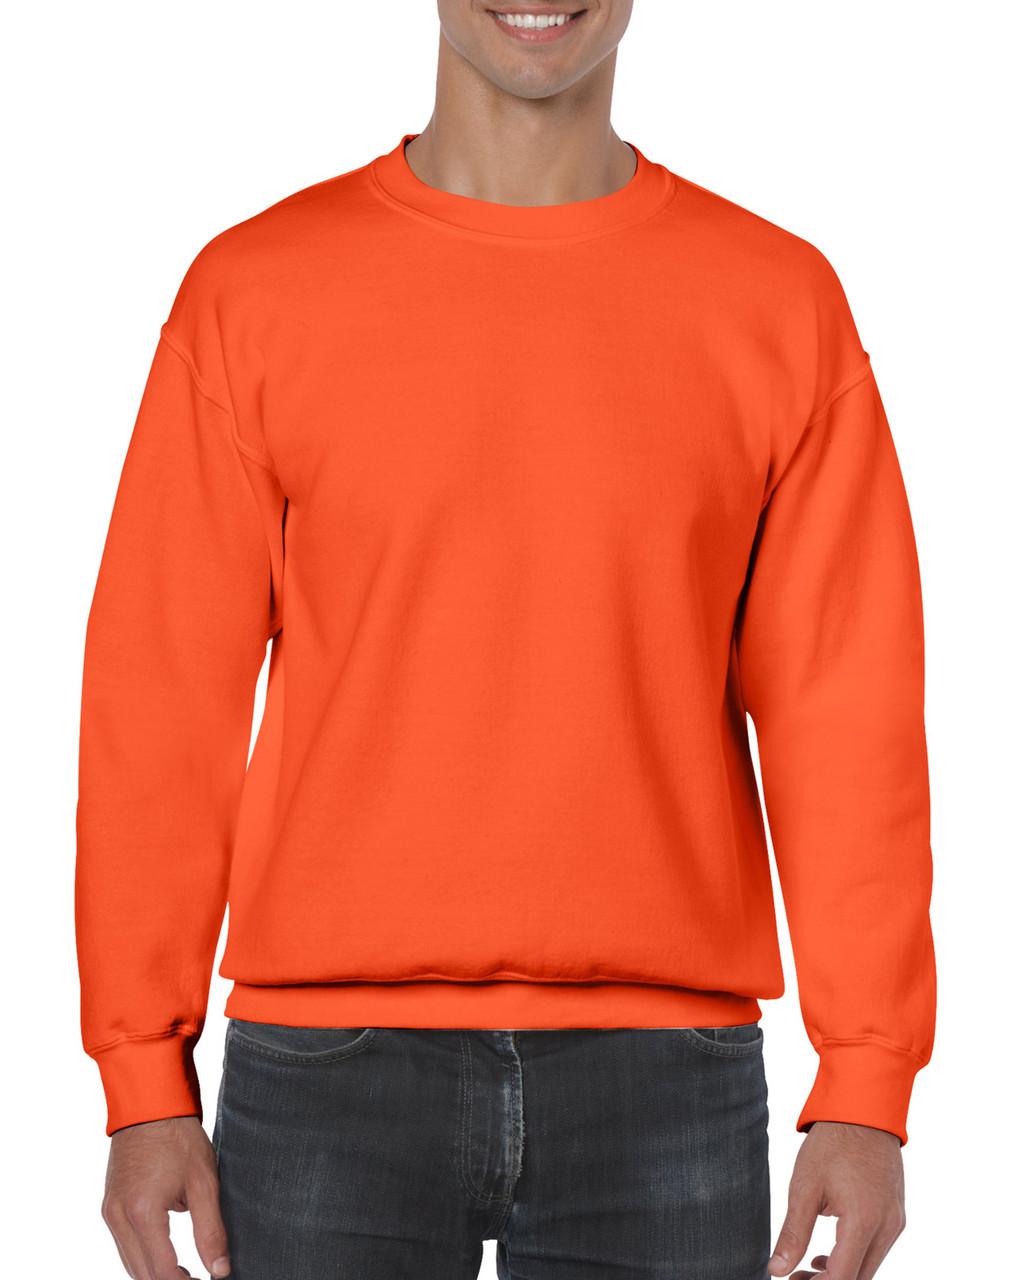 Реглан Heavy Blend, оранжевый, GILDAN, размеры от S до 2XL